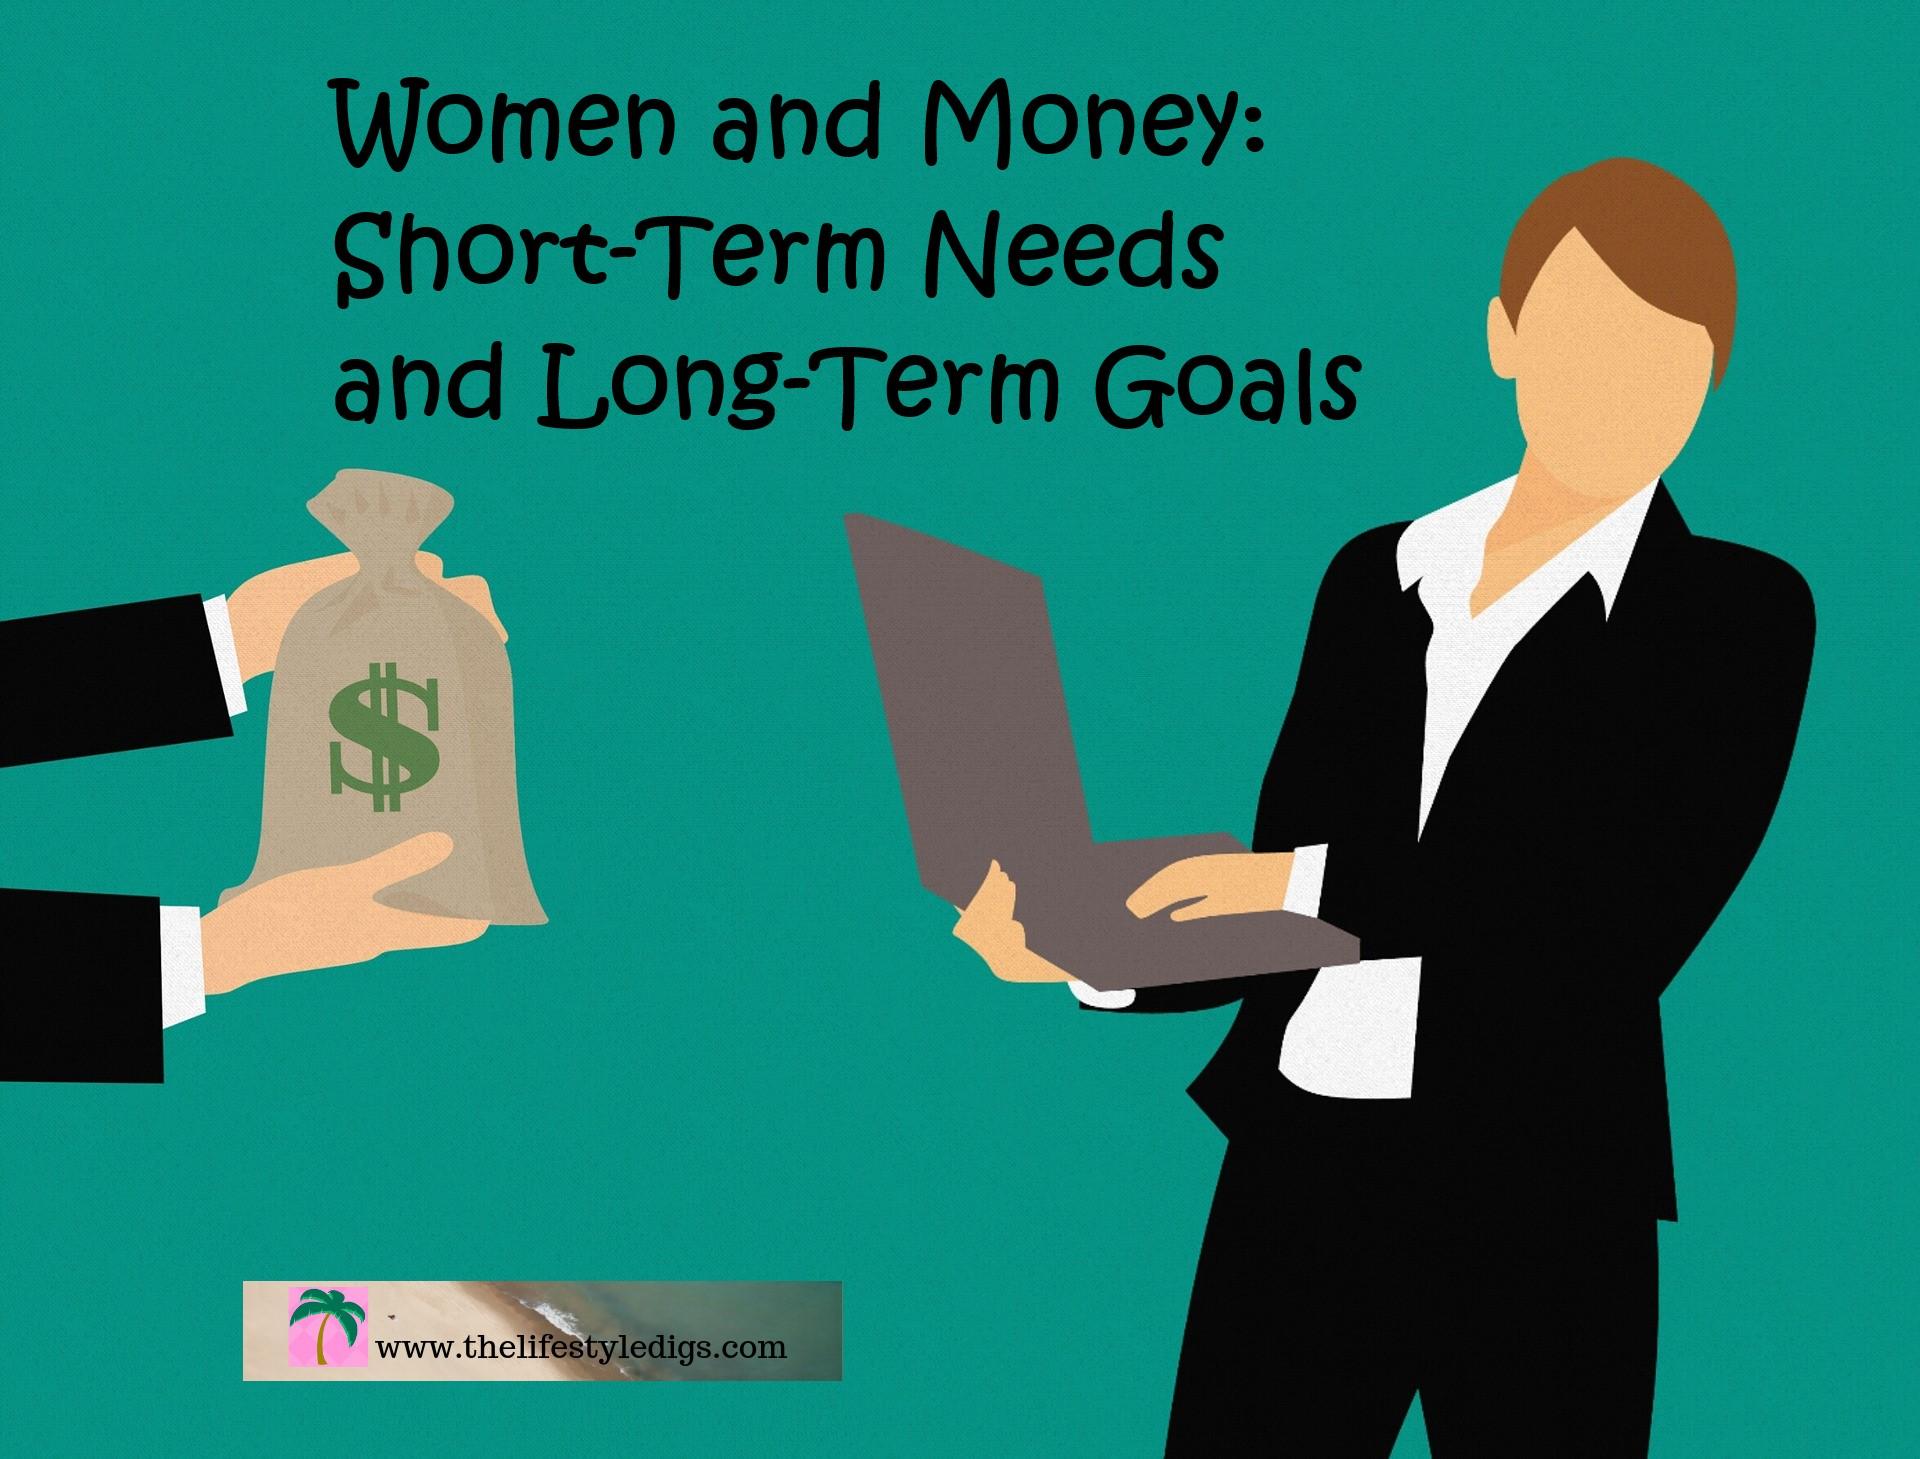 Women and Money: Short-Term Needs and Long-Term Goals